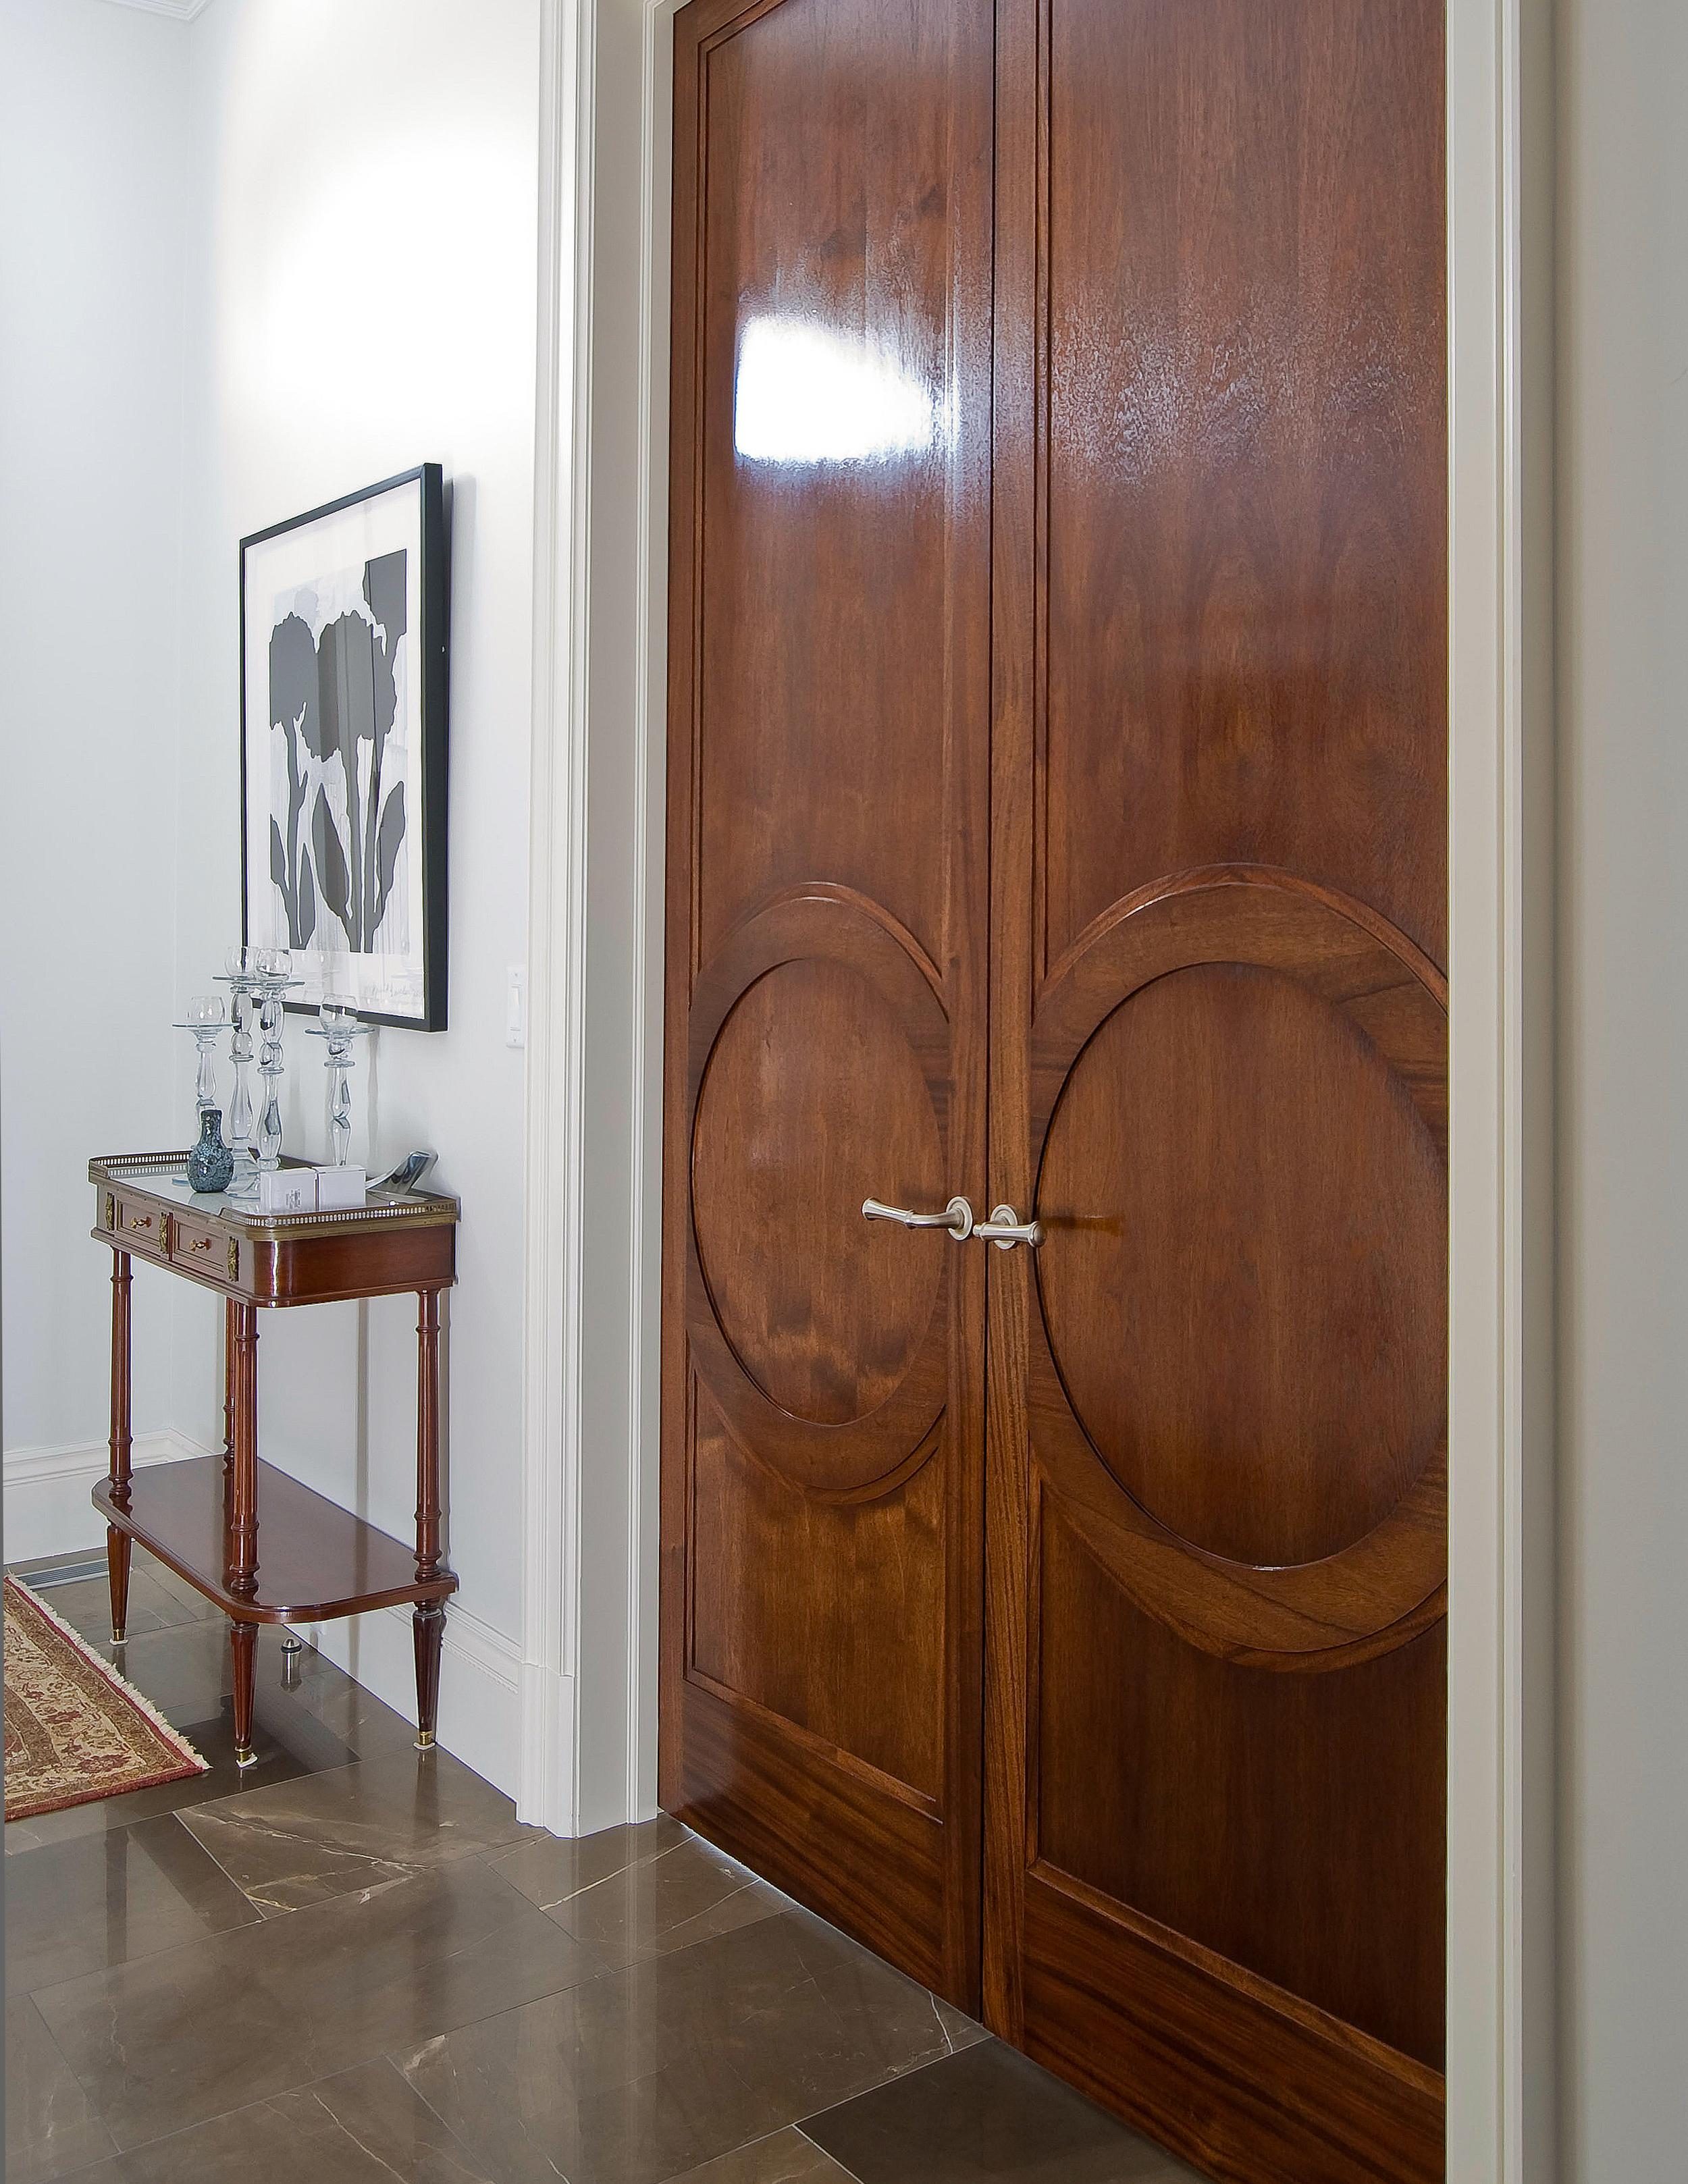 20100128-Interior doors copy.jpg